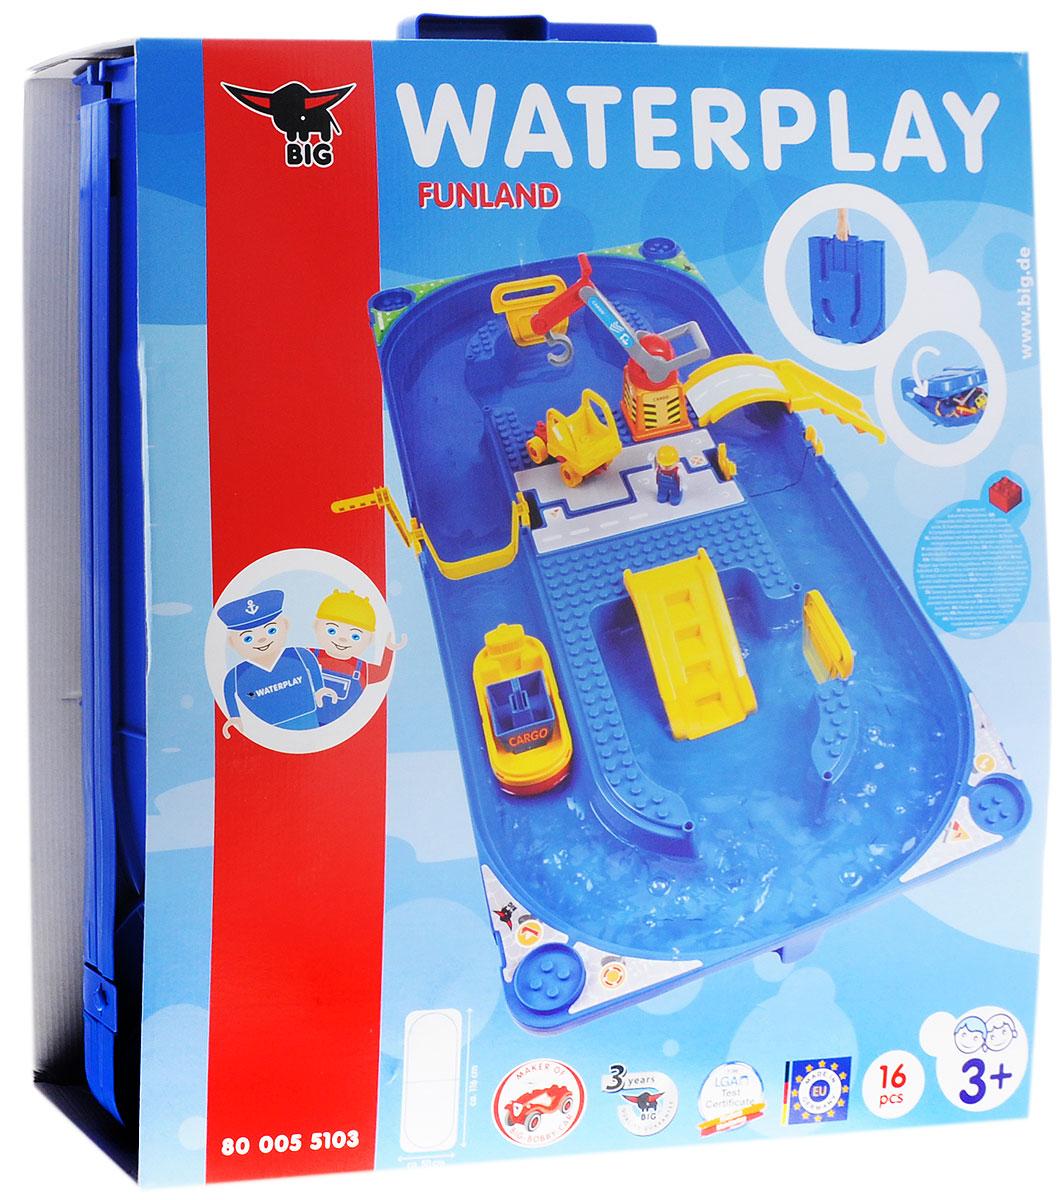 Big Водный трек Waterplay Funland55103Водный трек Big Waterplay Funland - отличный подарок вашему малышу. В комплект входит большая площадка для игры, на которой устанавливается погрузочный кран. Кран может загружать корабли и грузовик. Наличие специальной лестницы, которая присоединена к площадке, даст возможность высадить человечка из лодки. К площадке присоединен подъемный мост, по которому можно с легкостью выехать с острова. Специальная система крепления легко и быстро собирается без помощи клея. Набор поставляется в чемоданчике, который имеет удобную ручку для переноски. Водный трек Big Waterplay Funland развивает творческое мышление, фантазию и вовлекает ребенка в интерактив.